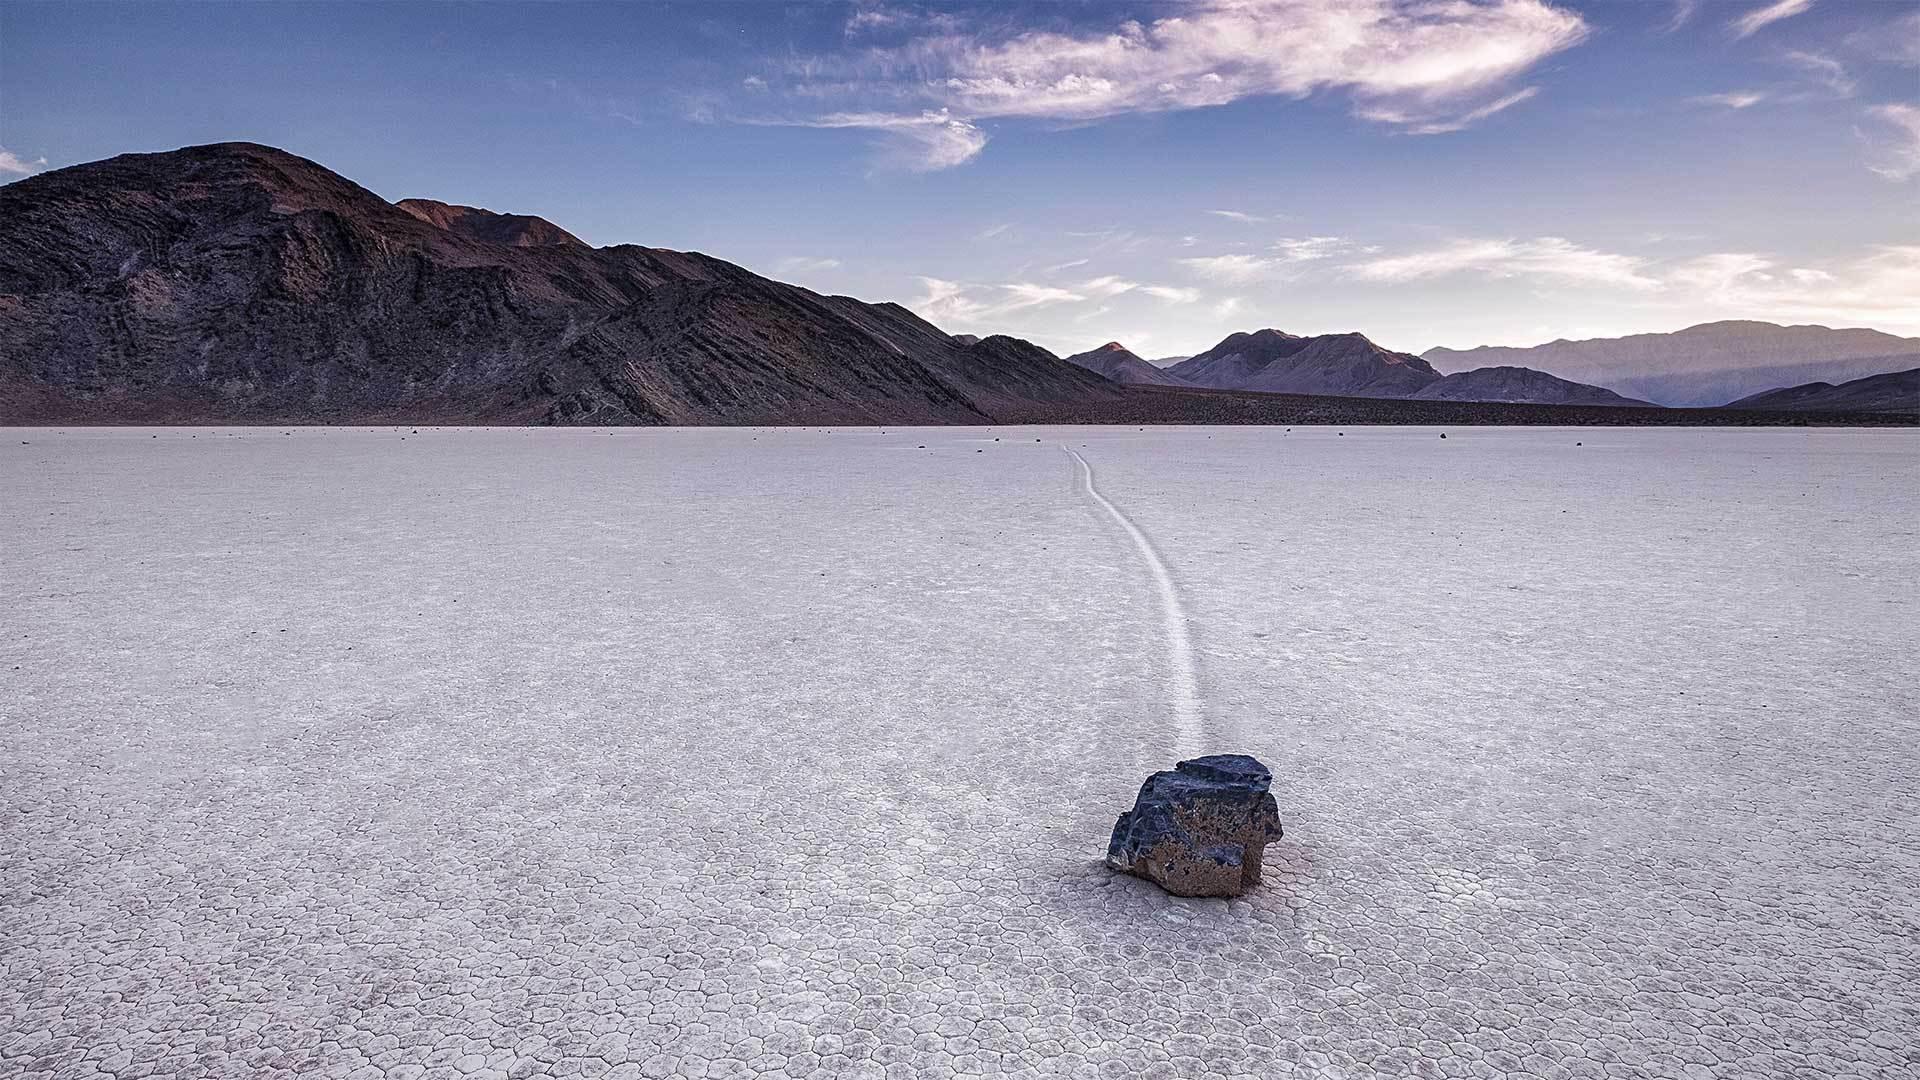 死亡谷国家公园跑道湖的迷踪石帆船石